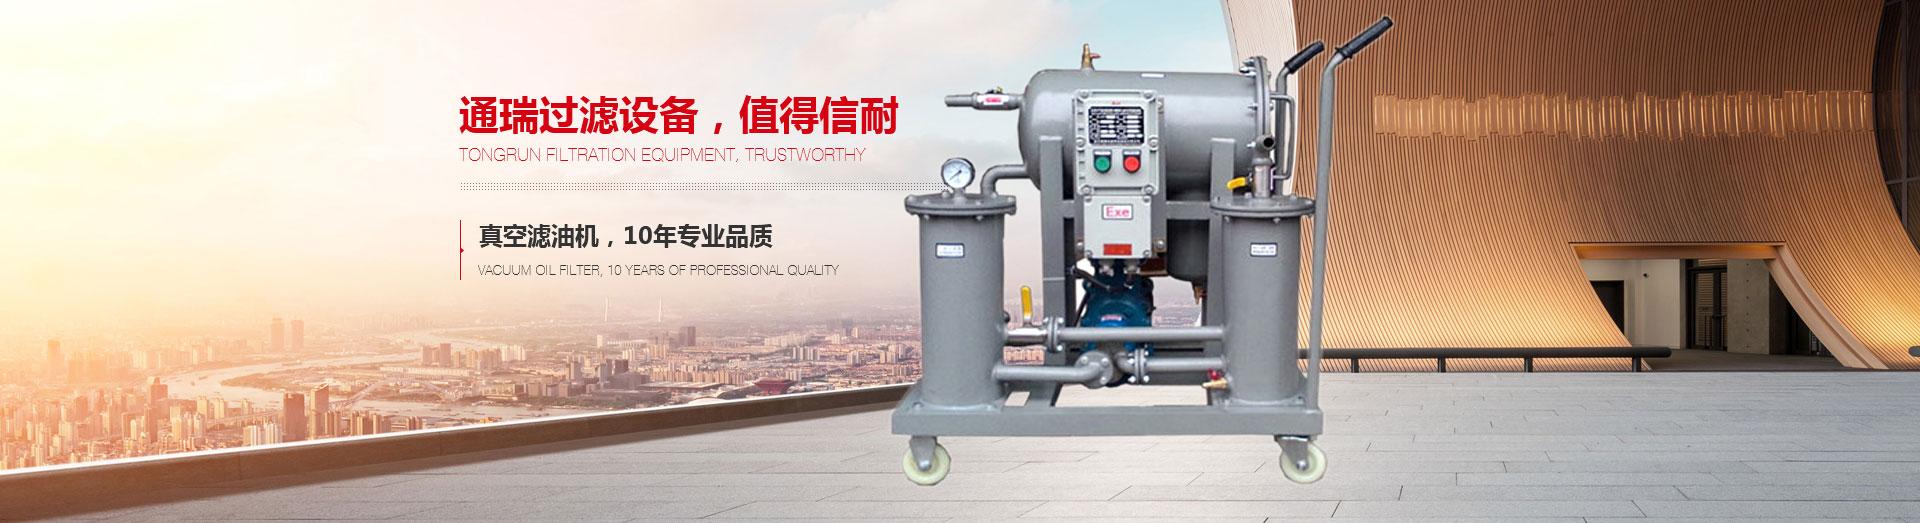 重慶濾油機